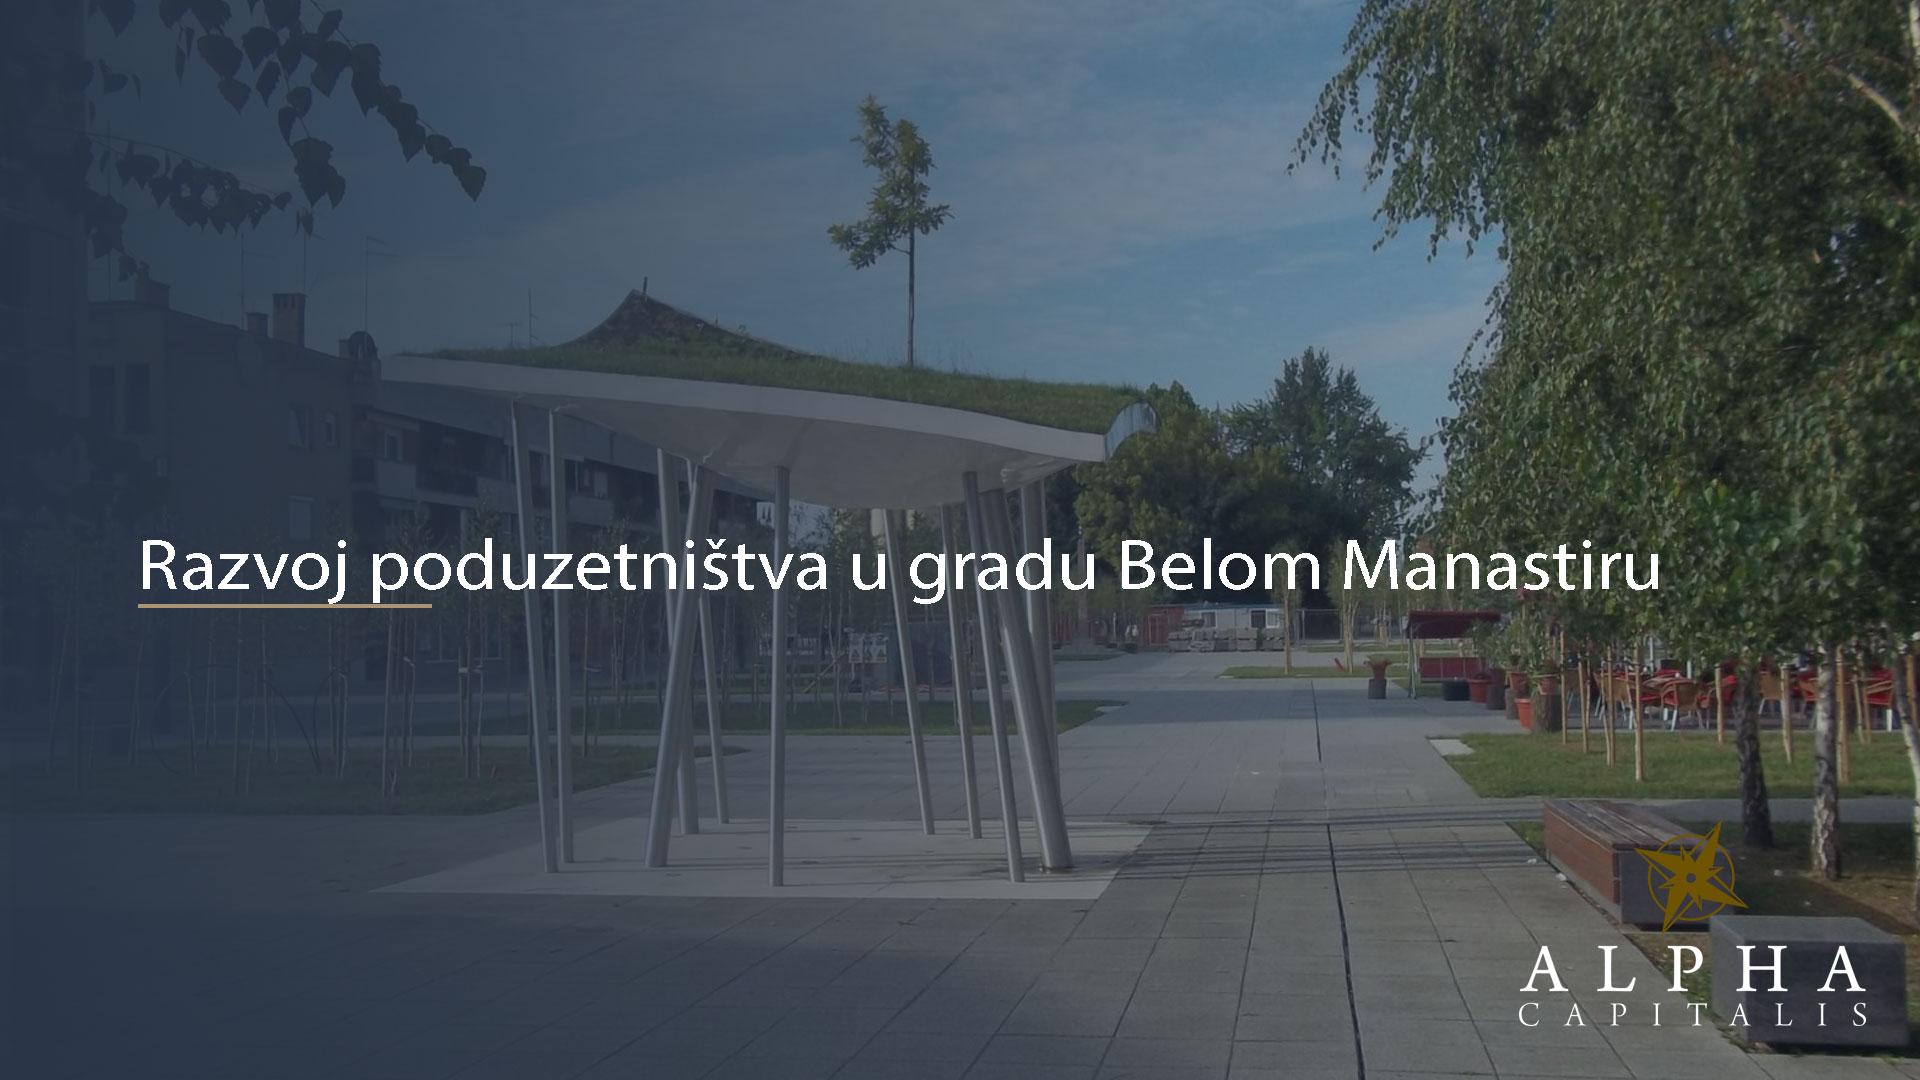 alpha-capitalis-Razvoj-poduzetništva-u-gradu-Belom-Manastiru